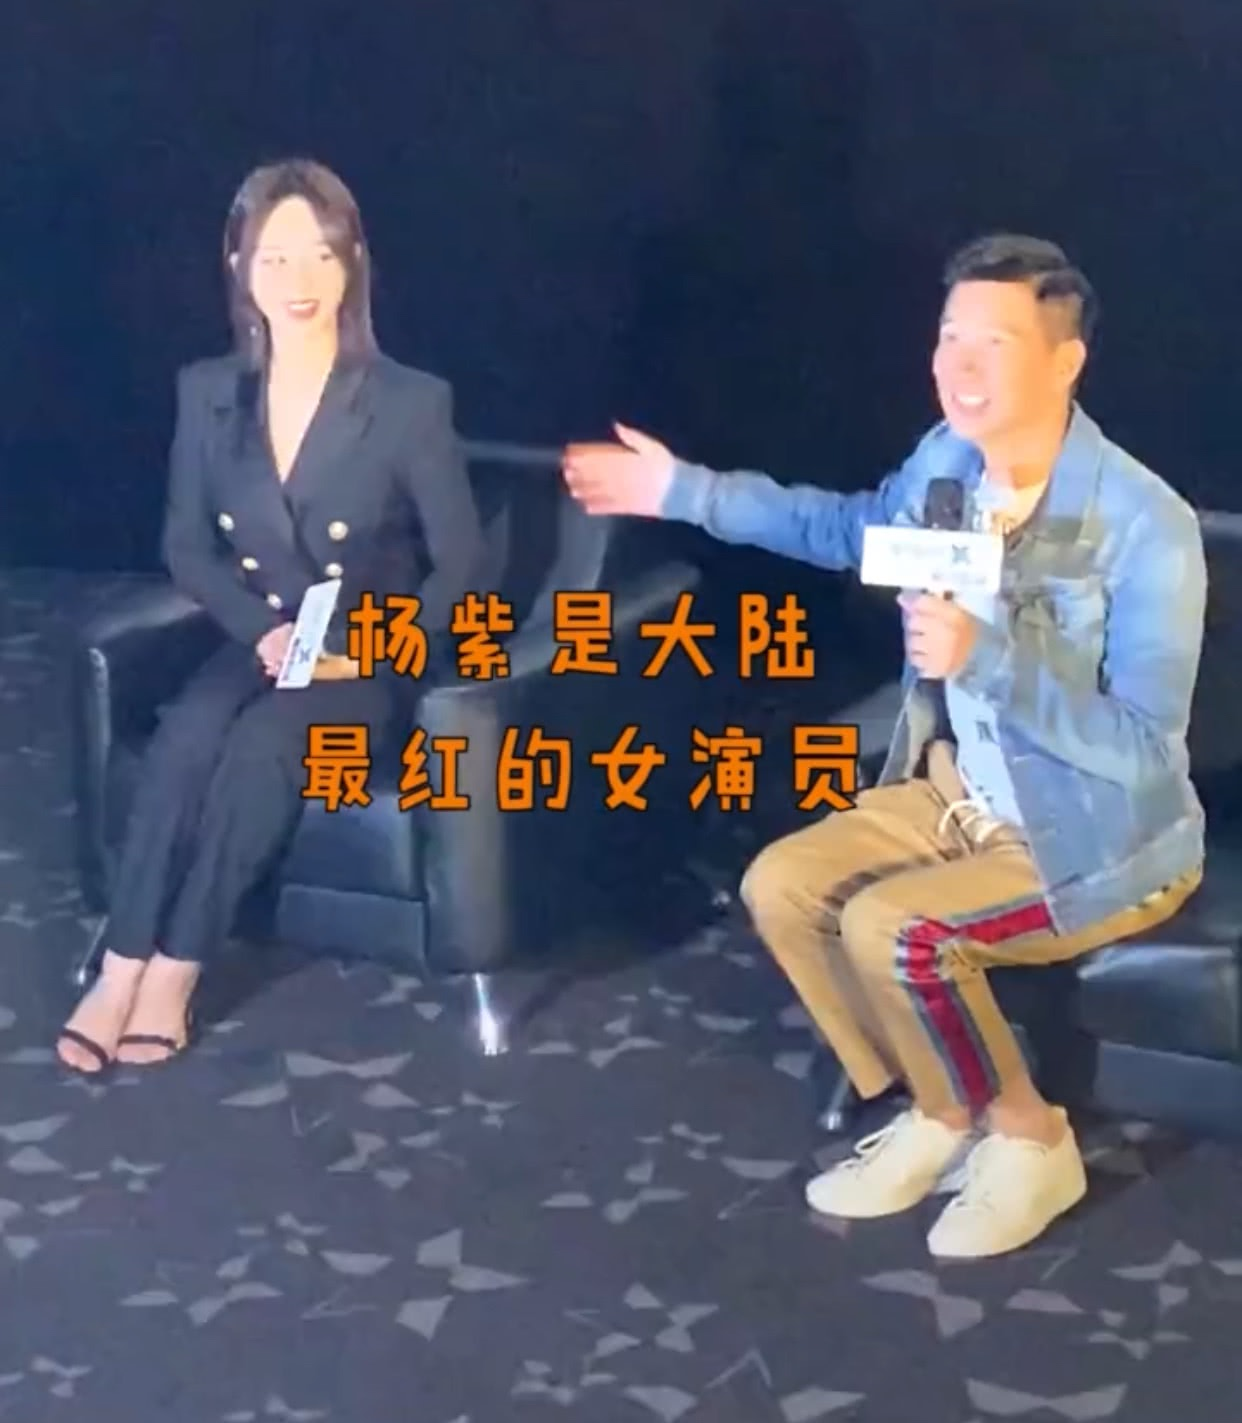 粉丝数量多就是做自己的资本?杨紫介绍自己是最红的女演员!